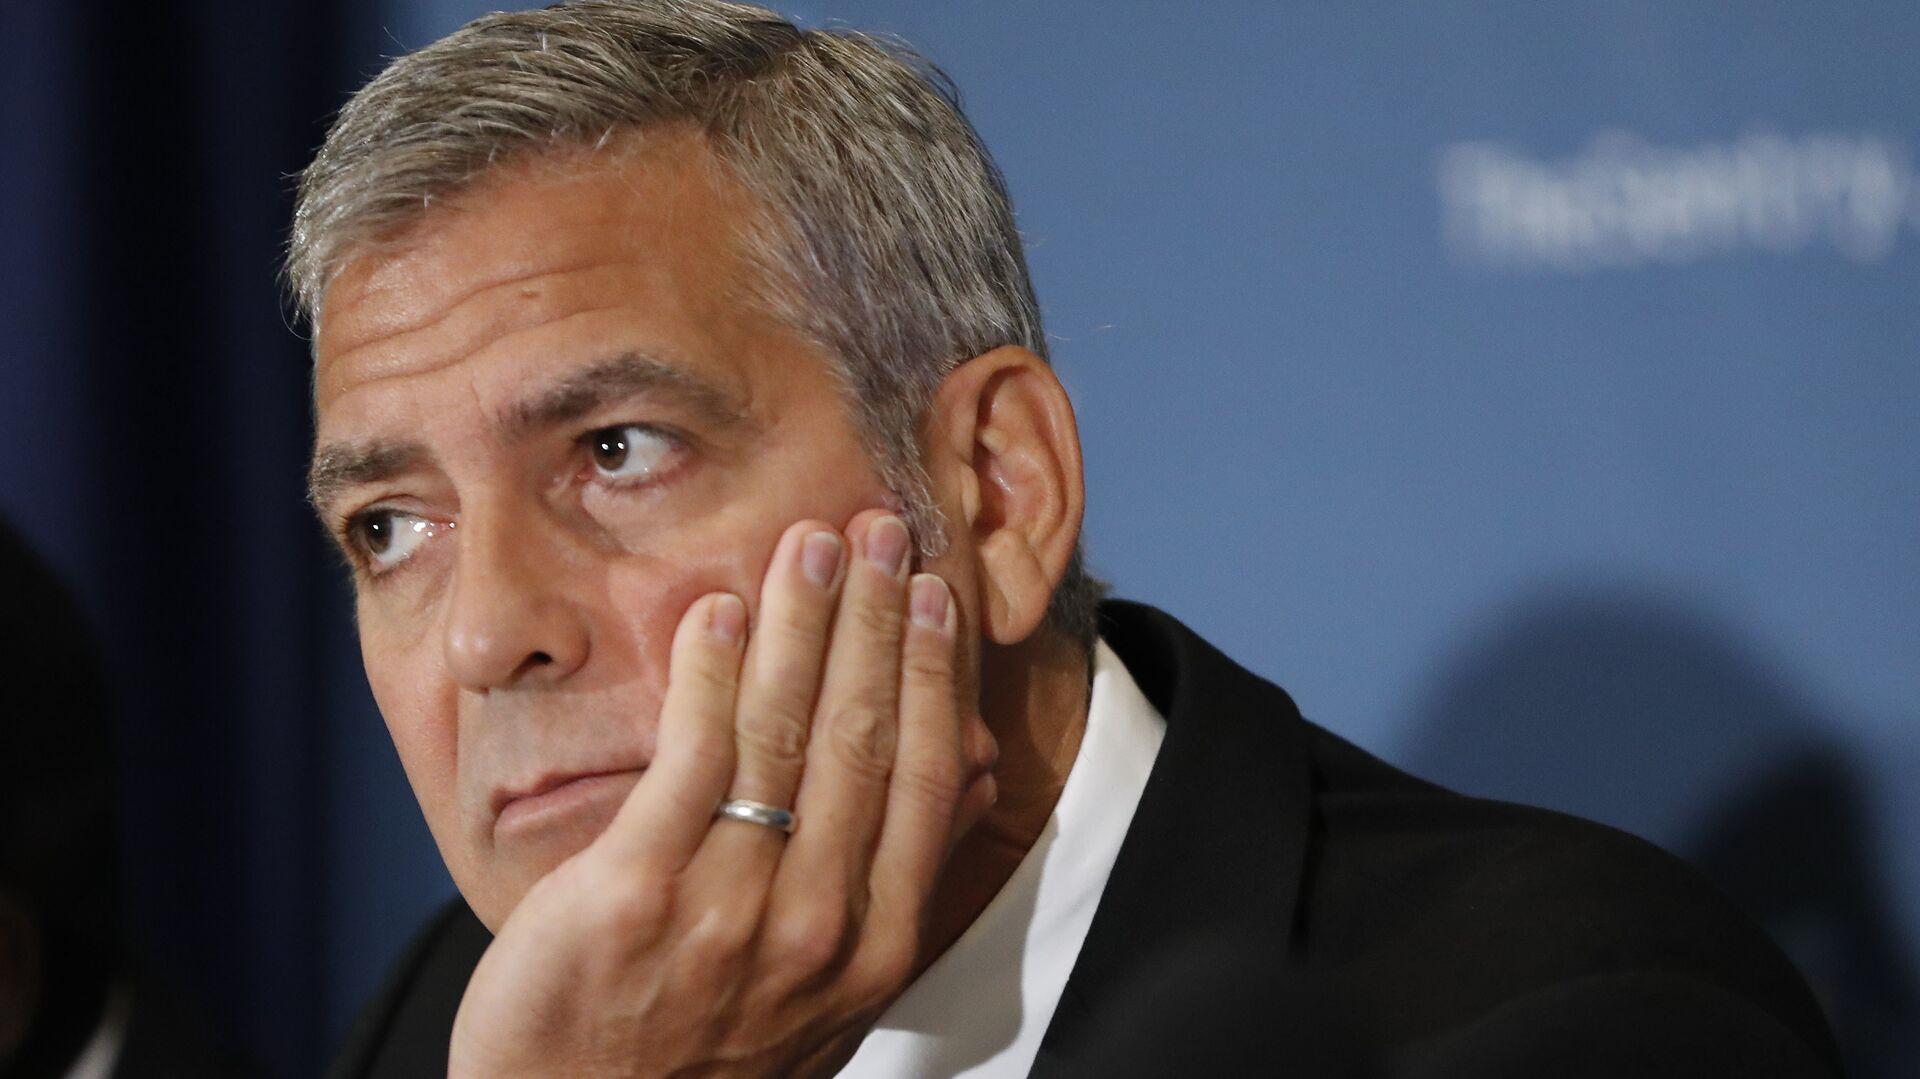 Американский актер Джордж Клуни во время пресс-конференции в Вашингтоне. 12 сентября 2016 года  - РИА Новости, 1920, 06.05.2021